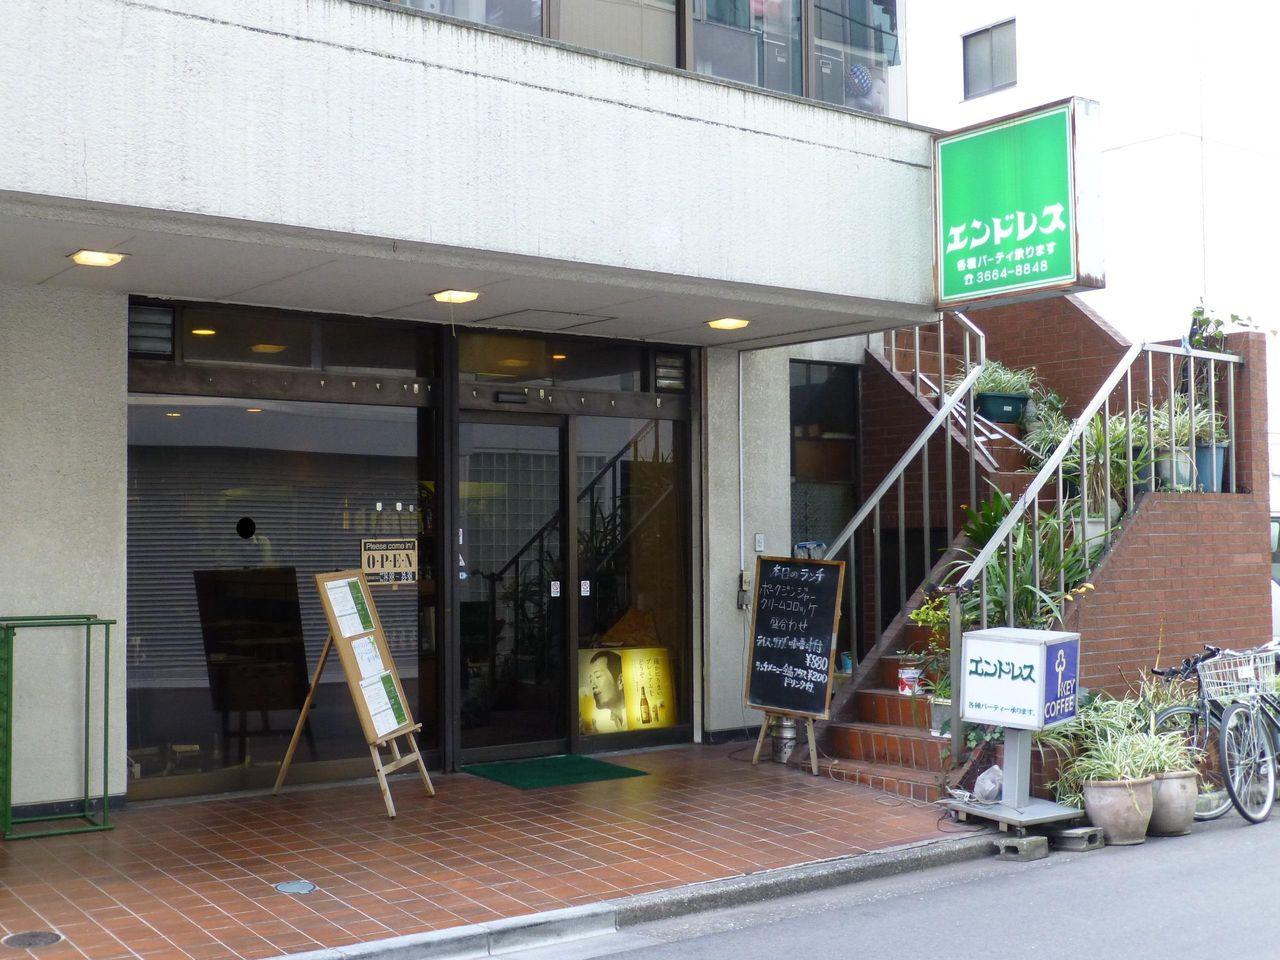 馬喰町のデカ盛り洋食店エンドレス!